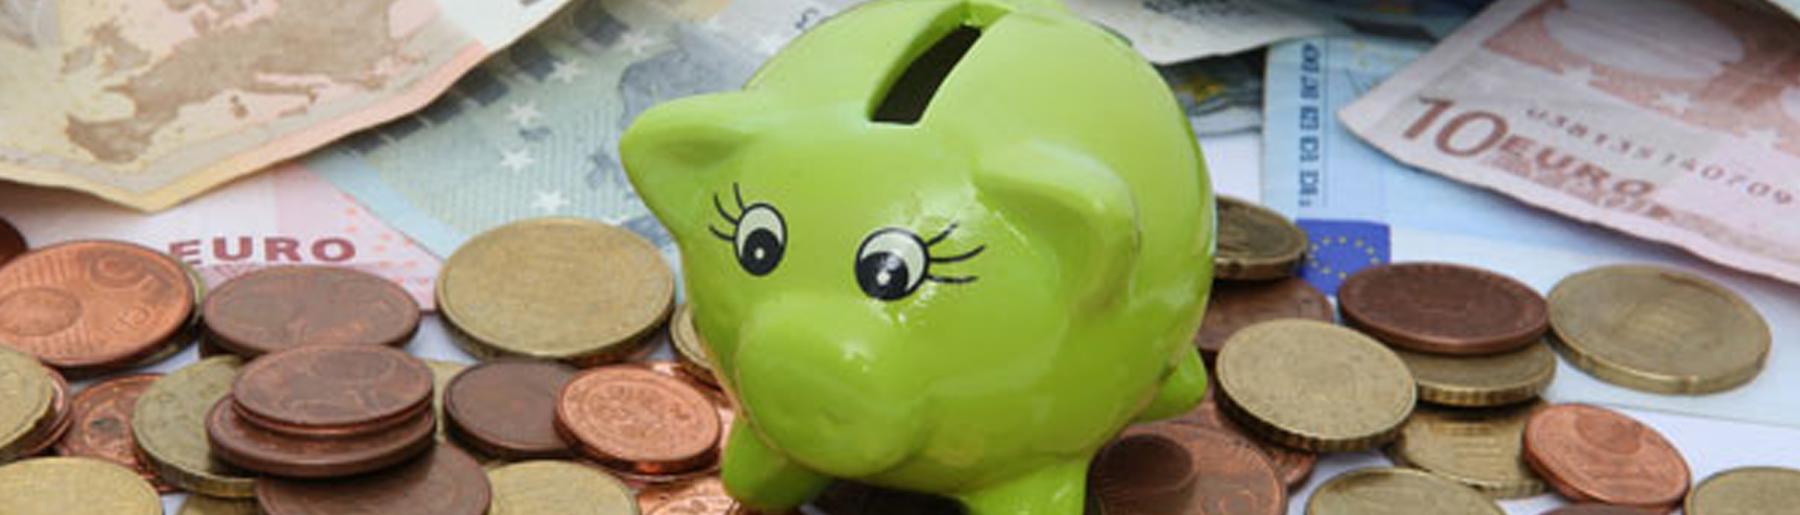 Kredite und Sparen